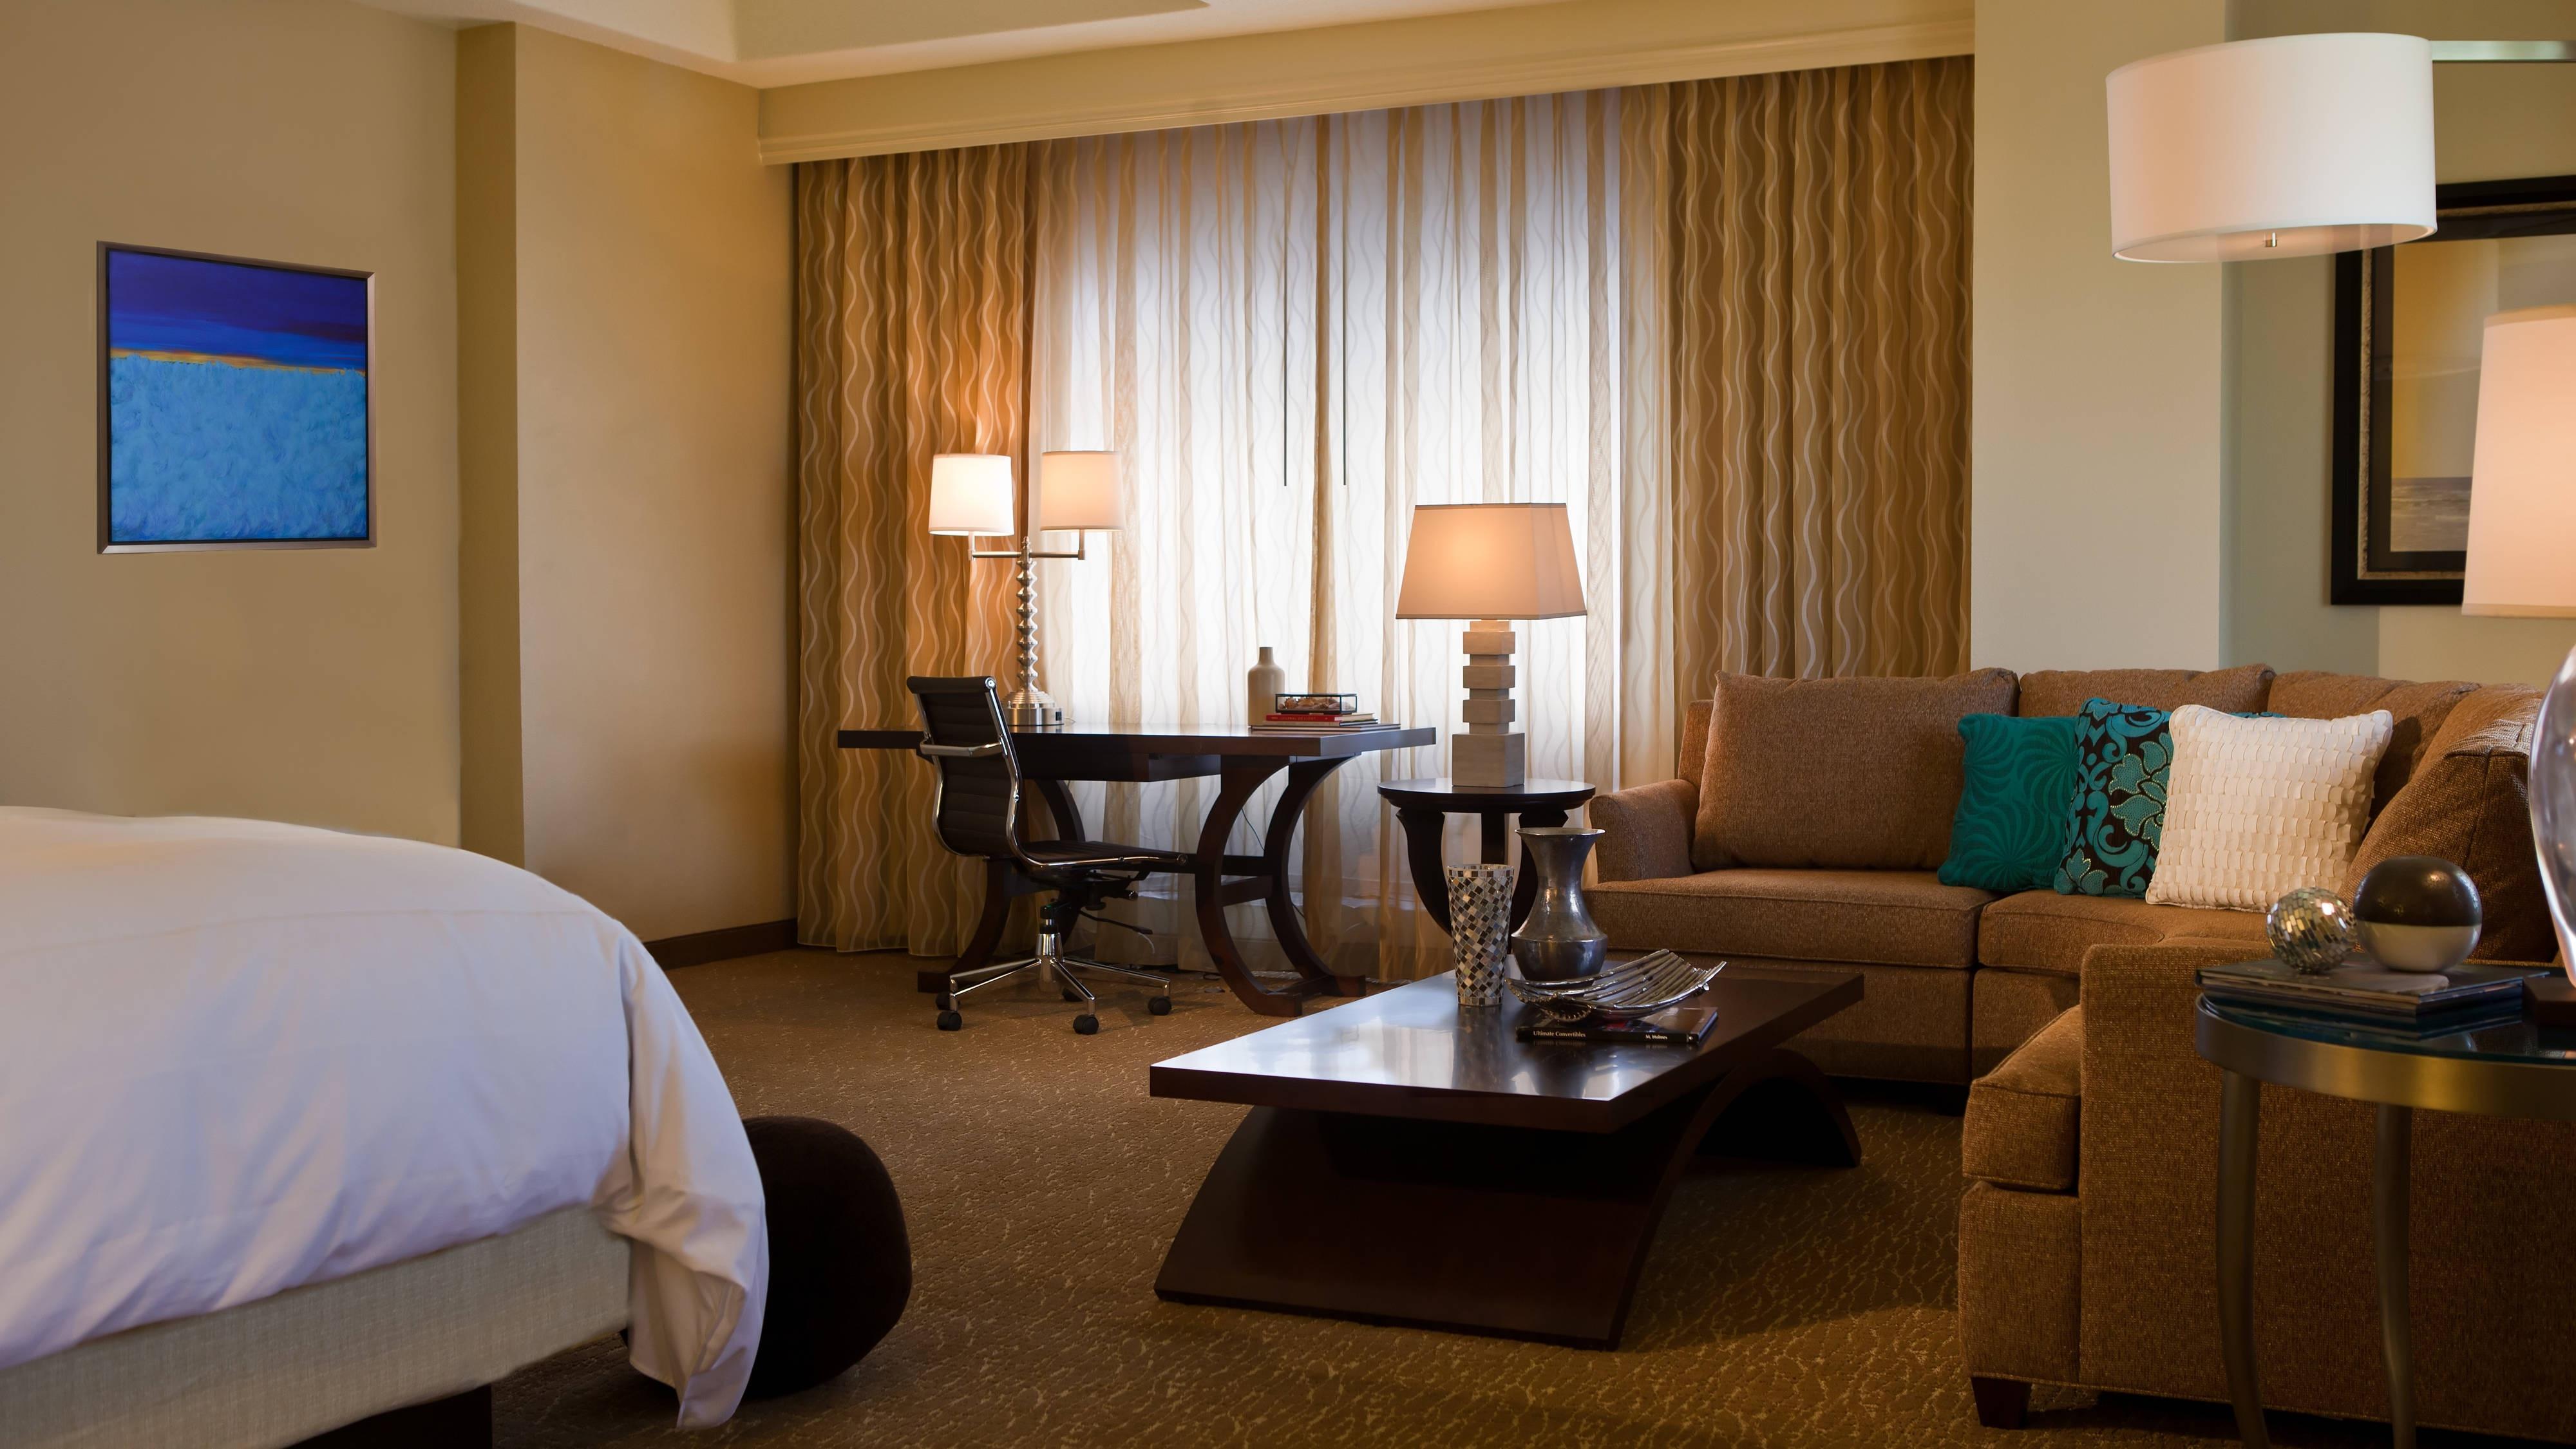 Resort Suites in Orlando